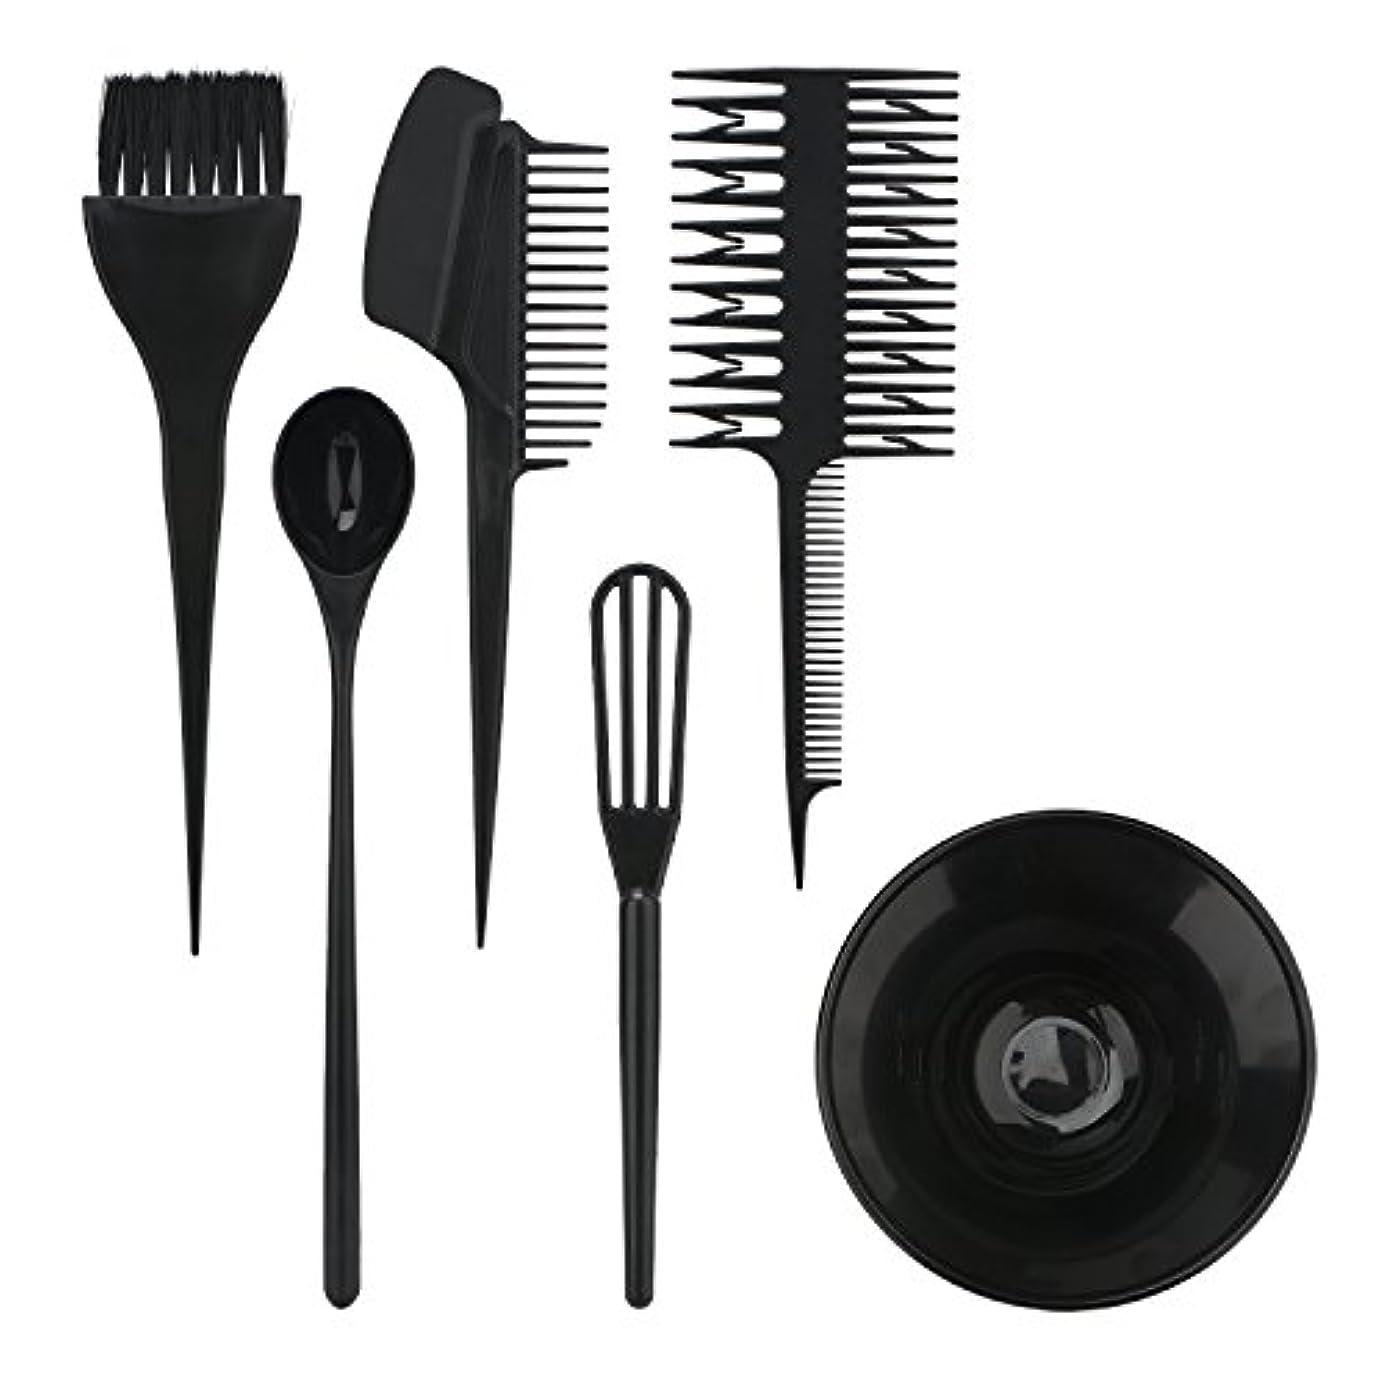 囚人見落とすゆりSegbeauty ヘアカラー用のセット ブラシとボウルの組み合わせ 6pcs DIY髪染め用 サロン 美髪師用 ヘアカラーの用具